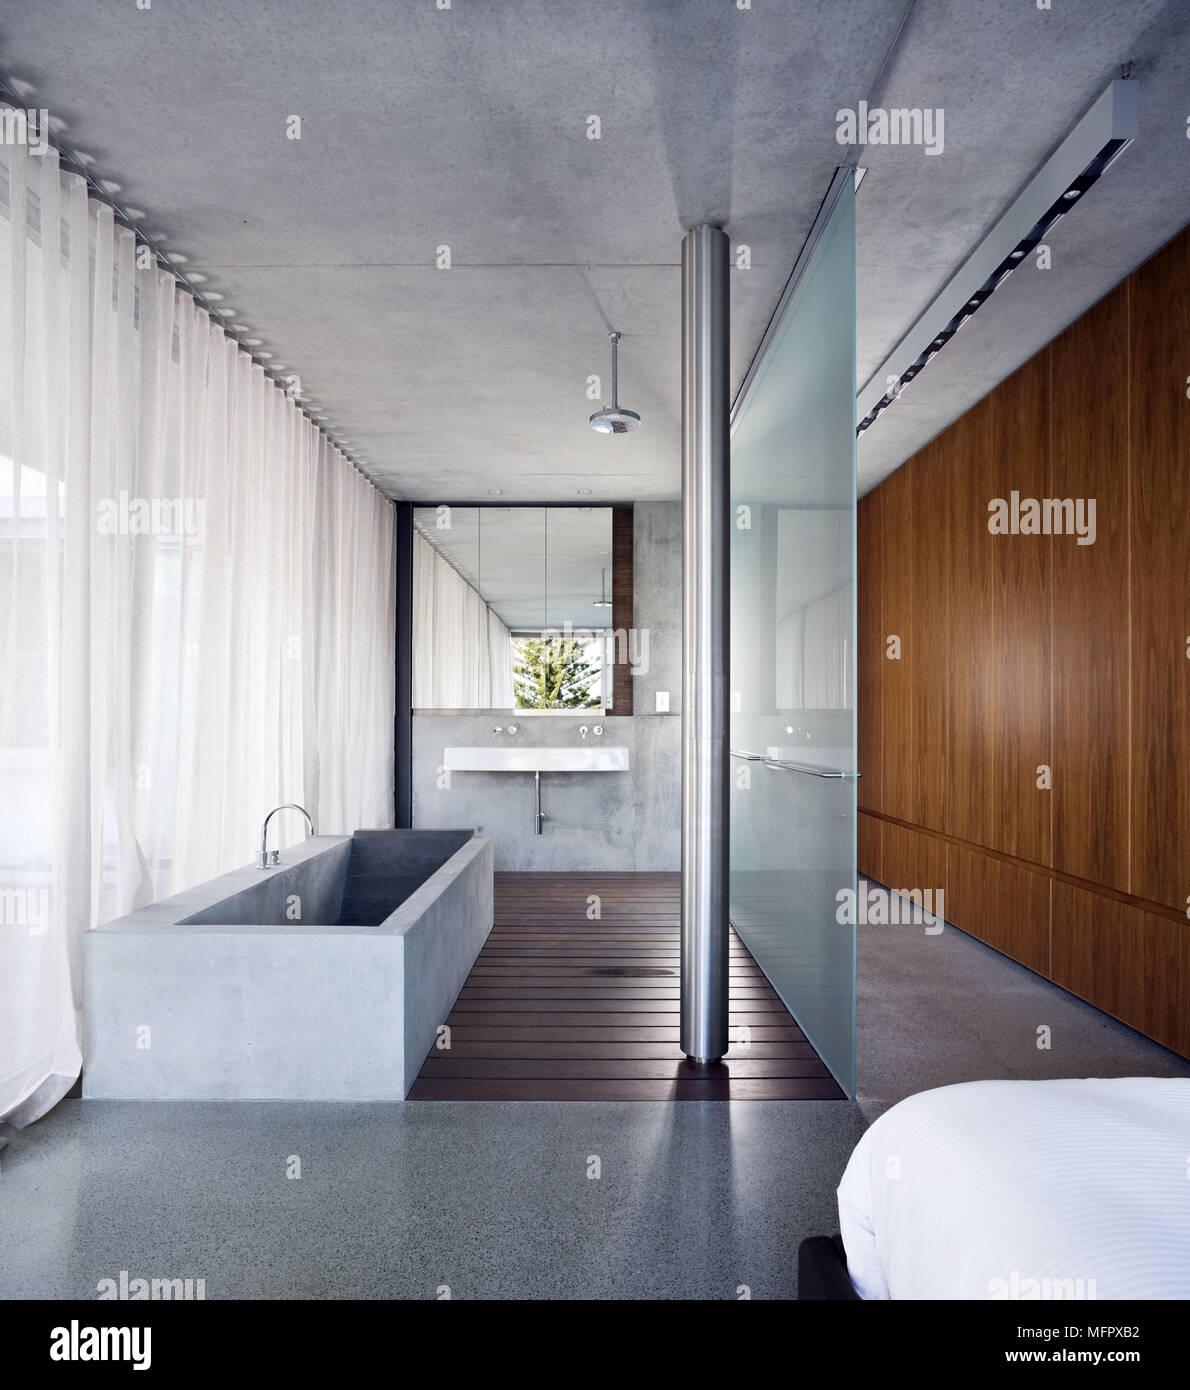 Freistehende Badewanne Aus Stein In Der Modernen Badezimmer Mit  Undurchsichtigem Glas Trennwand